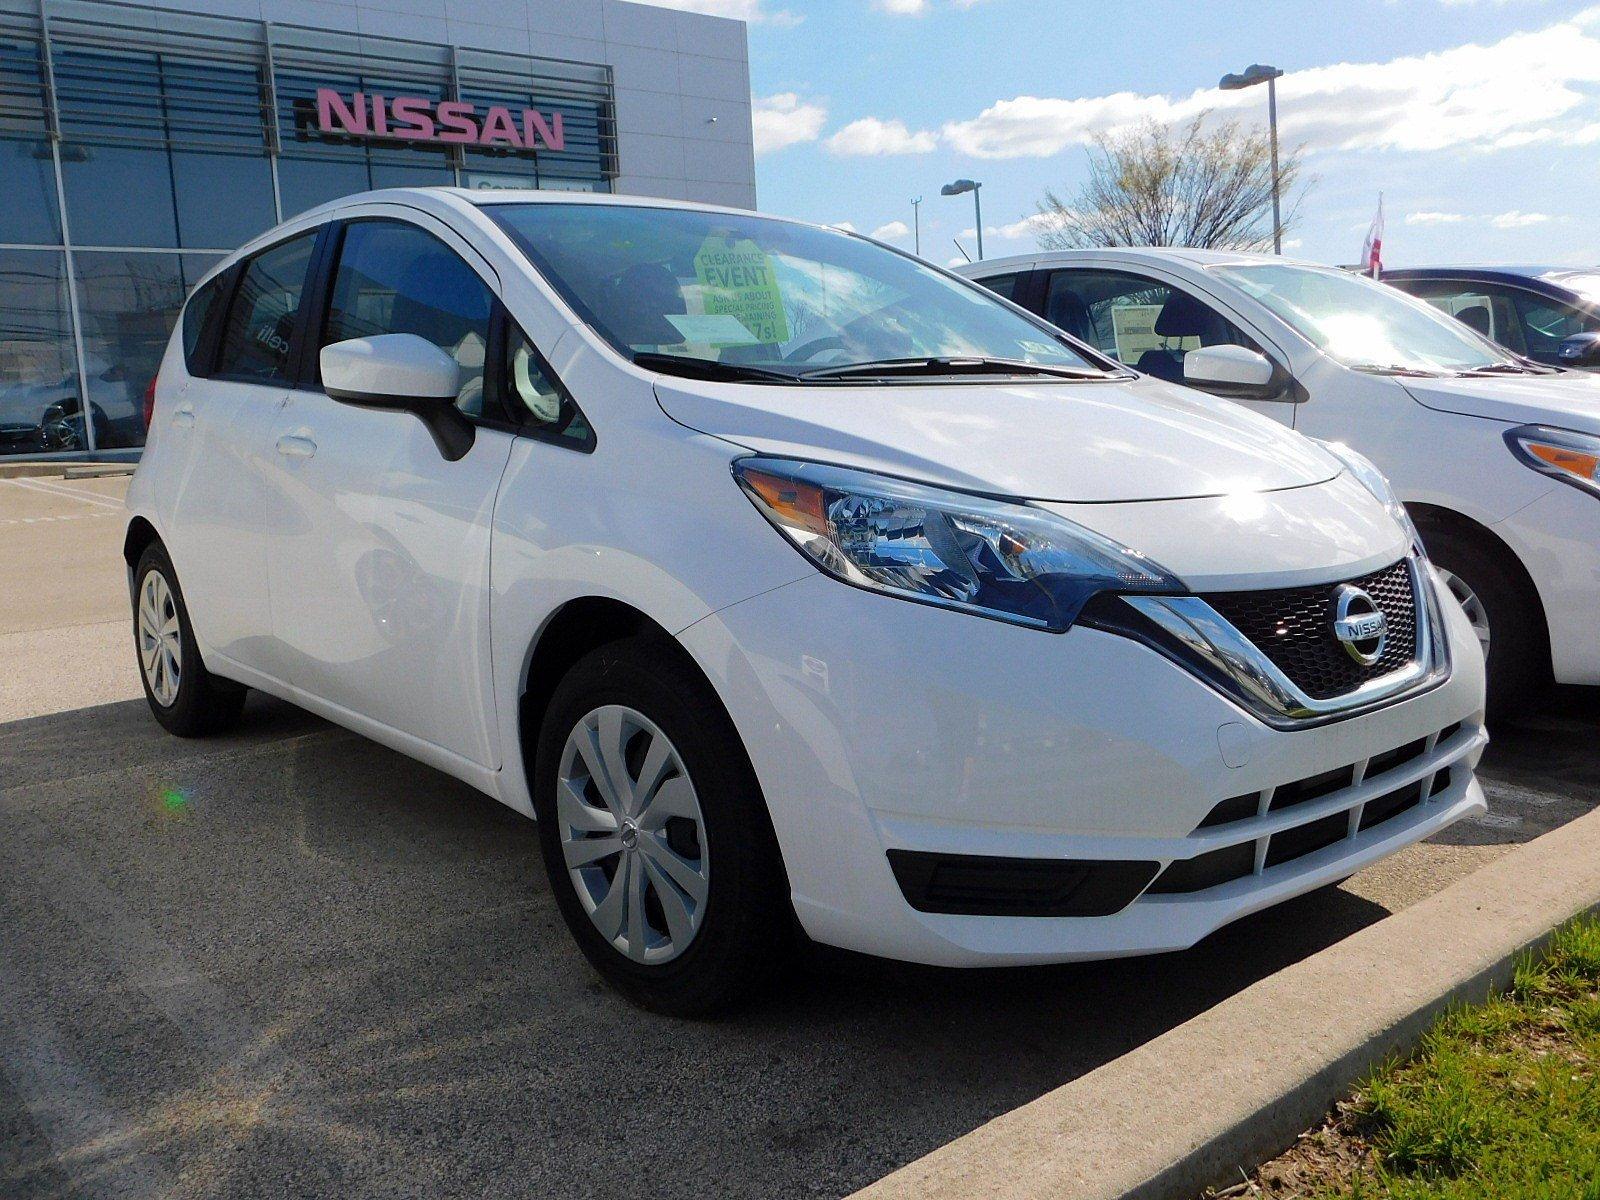 2017 Nissan Versa Note S Plus Hatchback